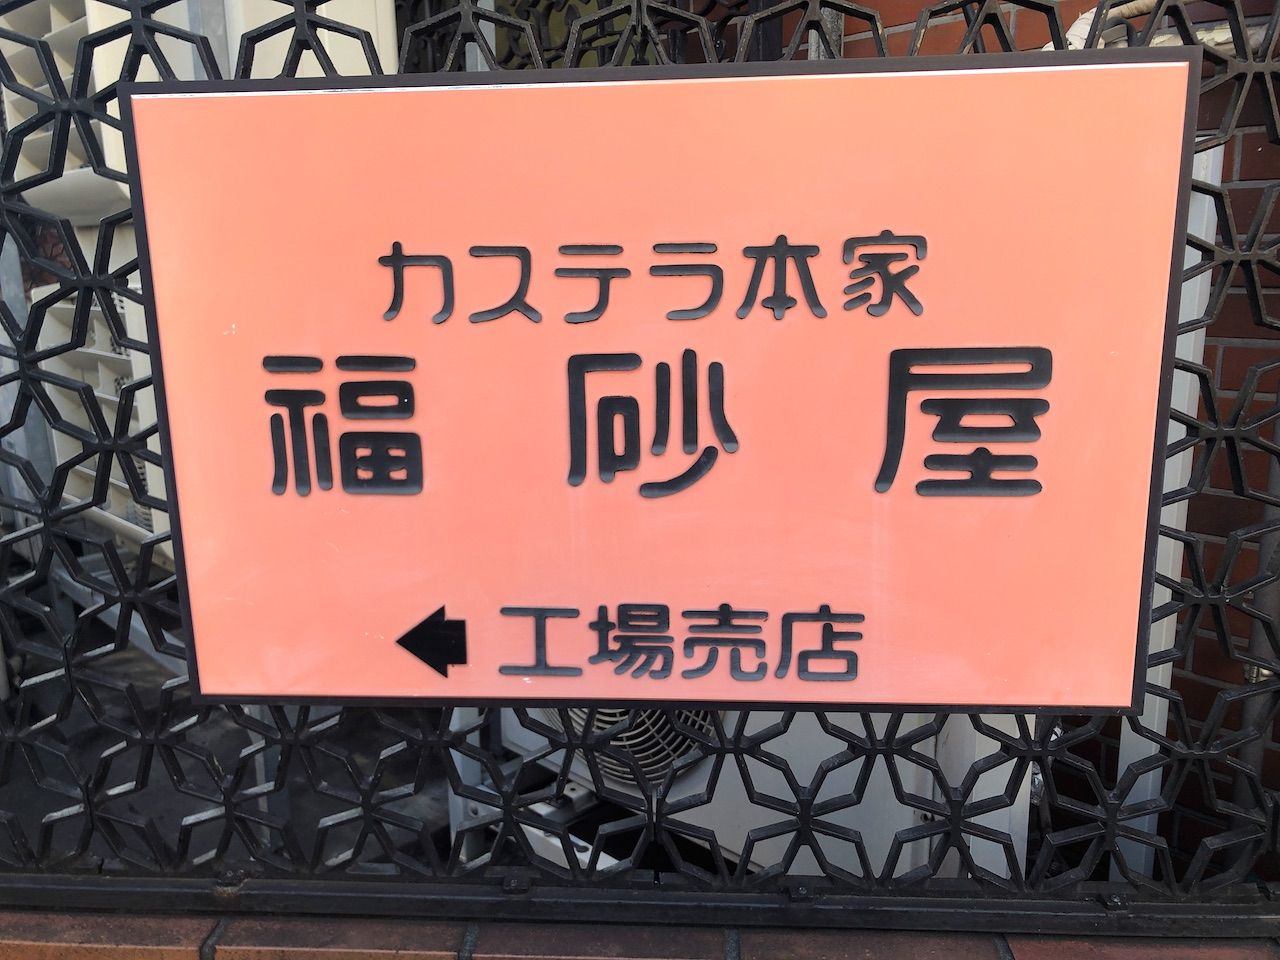 桜の季節だけ!福砂屋目黒店限定の桜のフクサヤキューブカステラ【編集部ブログ】